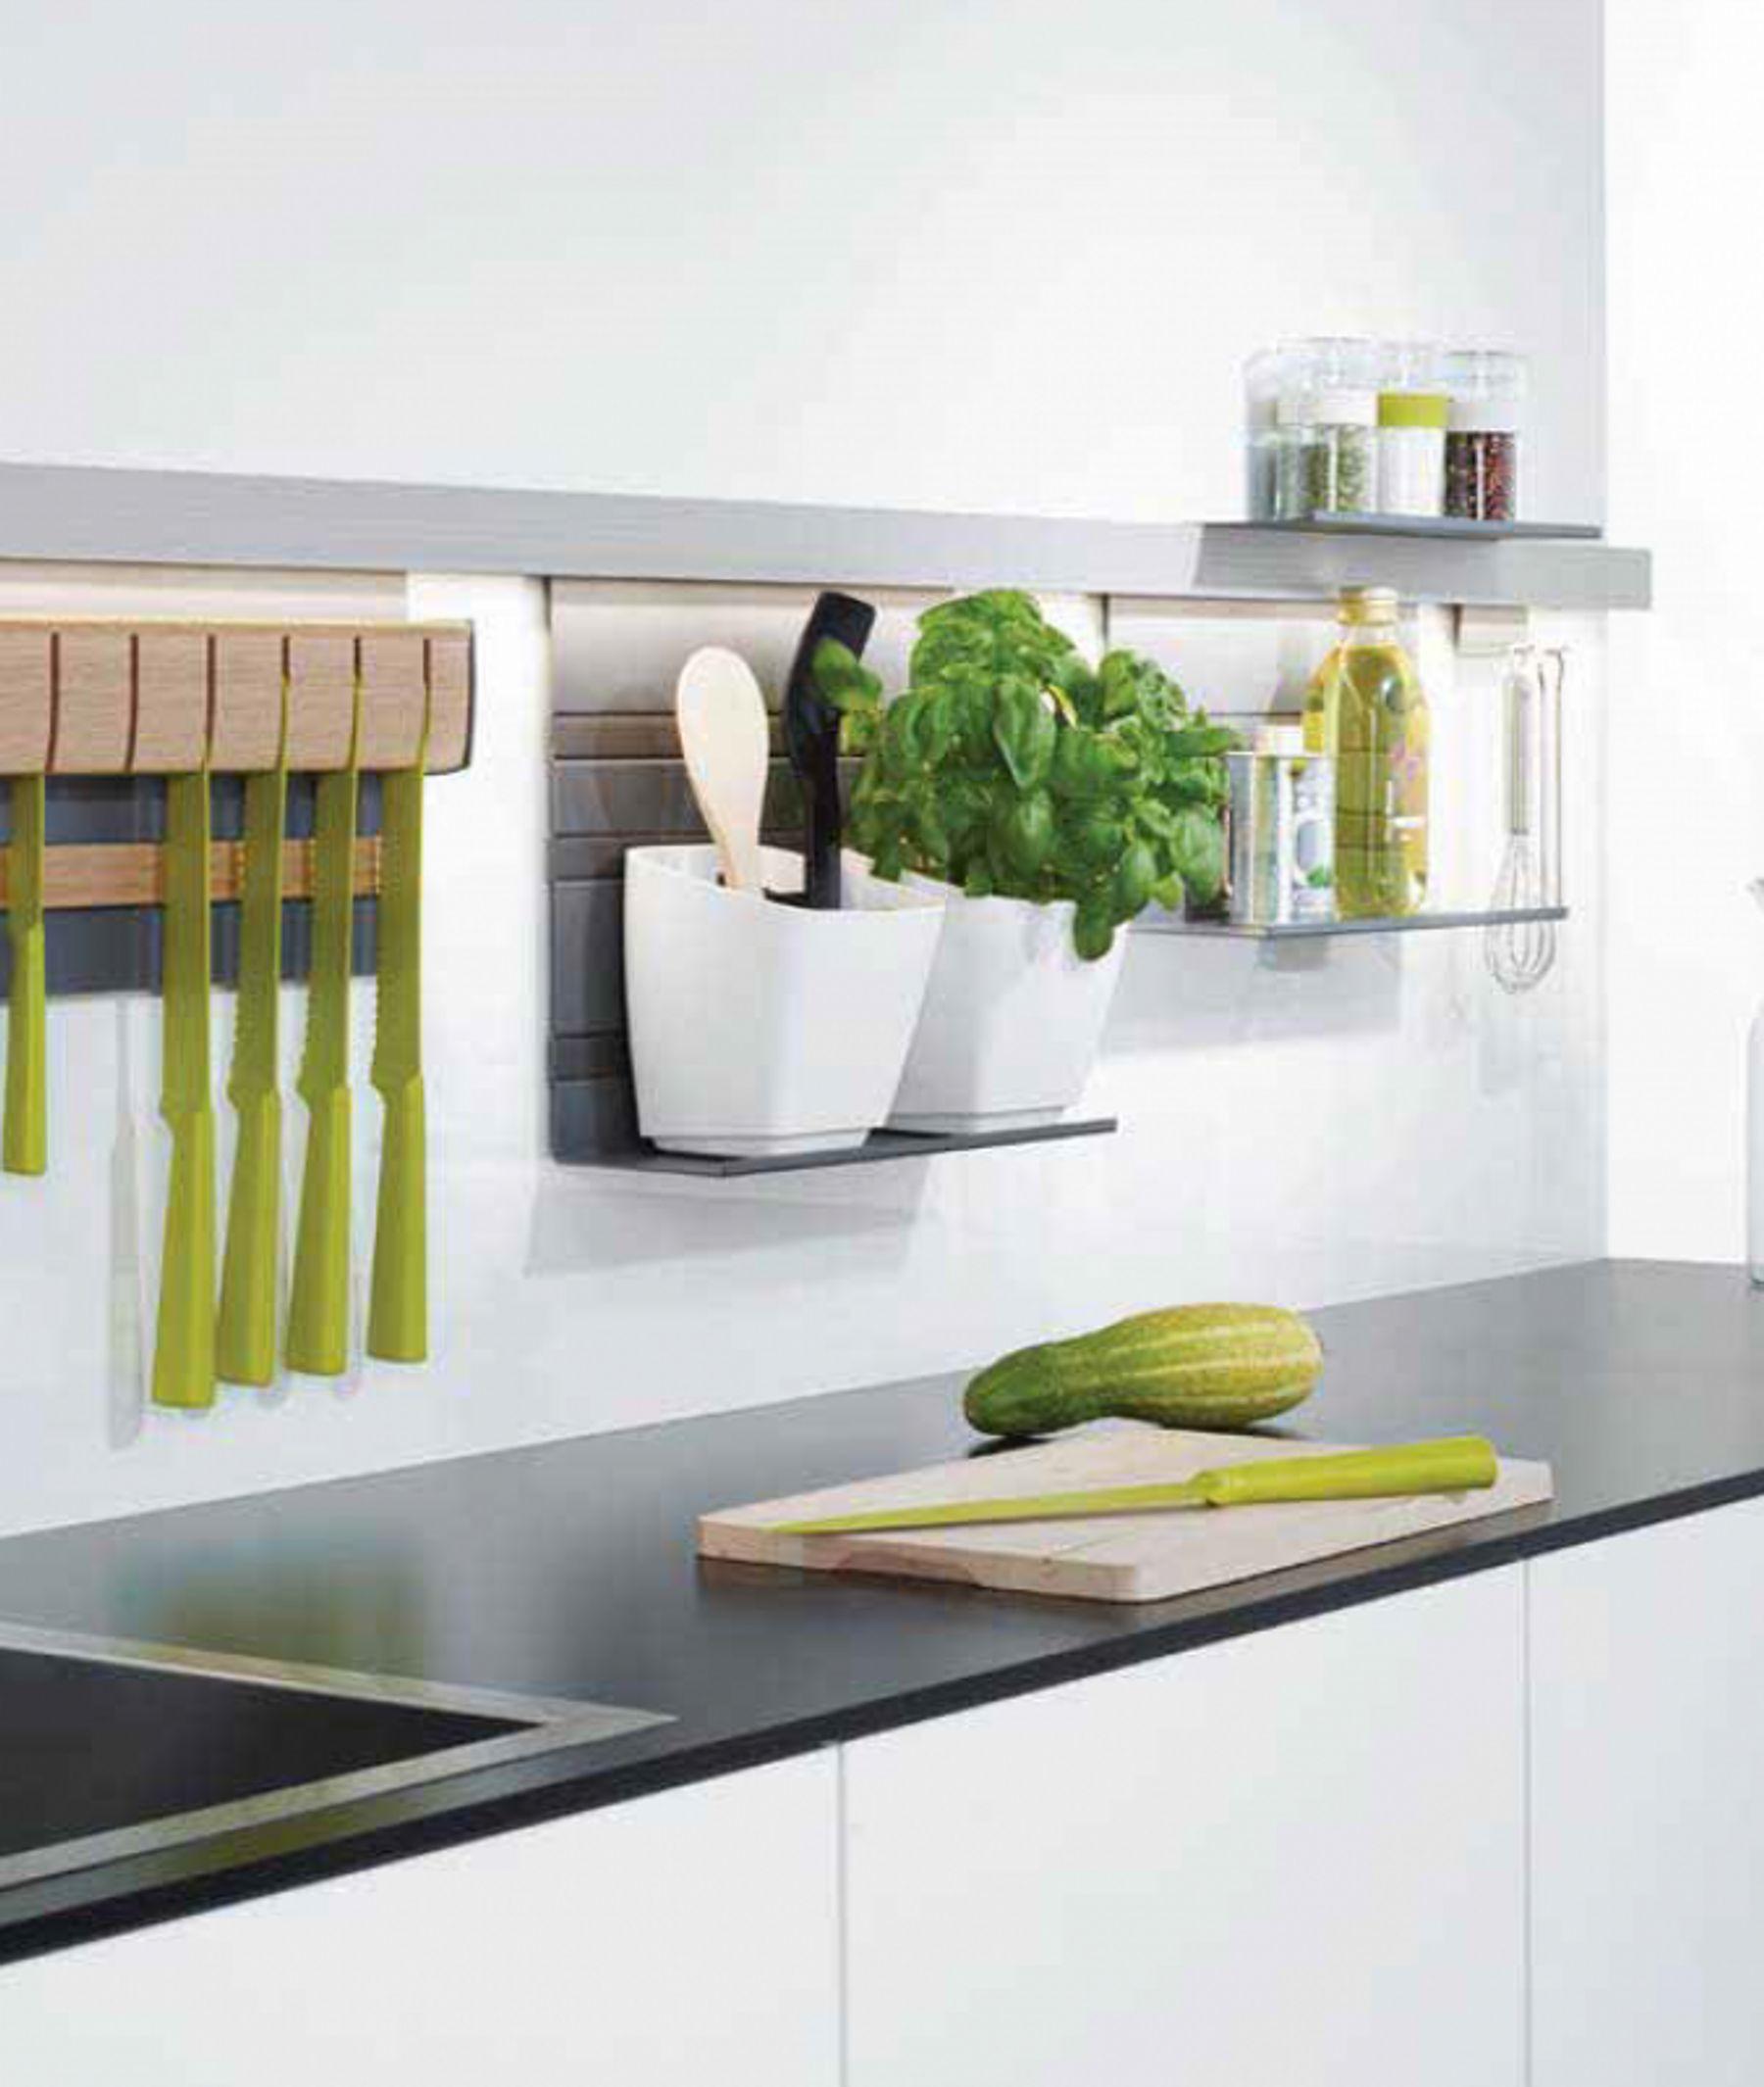 Thêm các giá và thanh trong bếp để đựng vật dụng